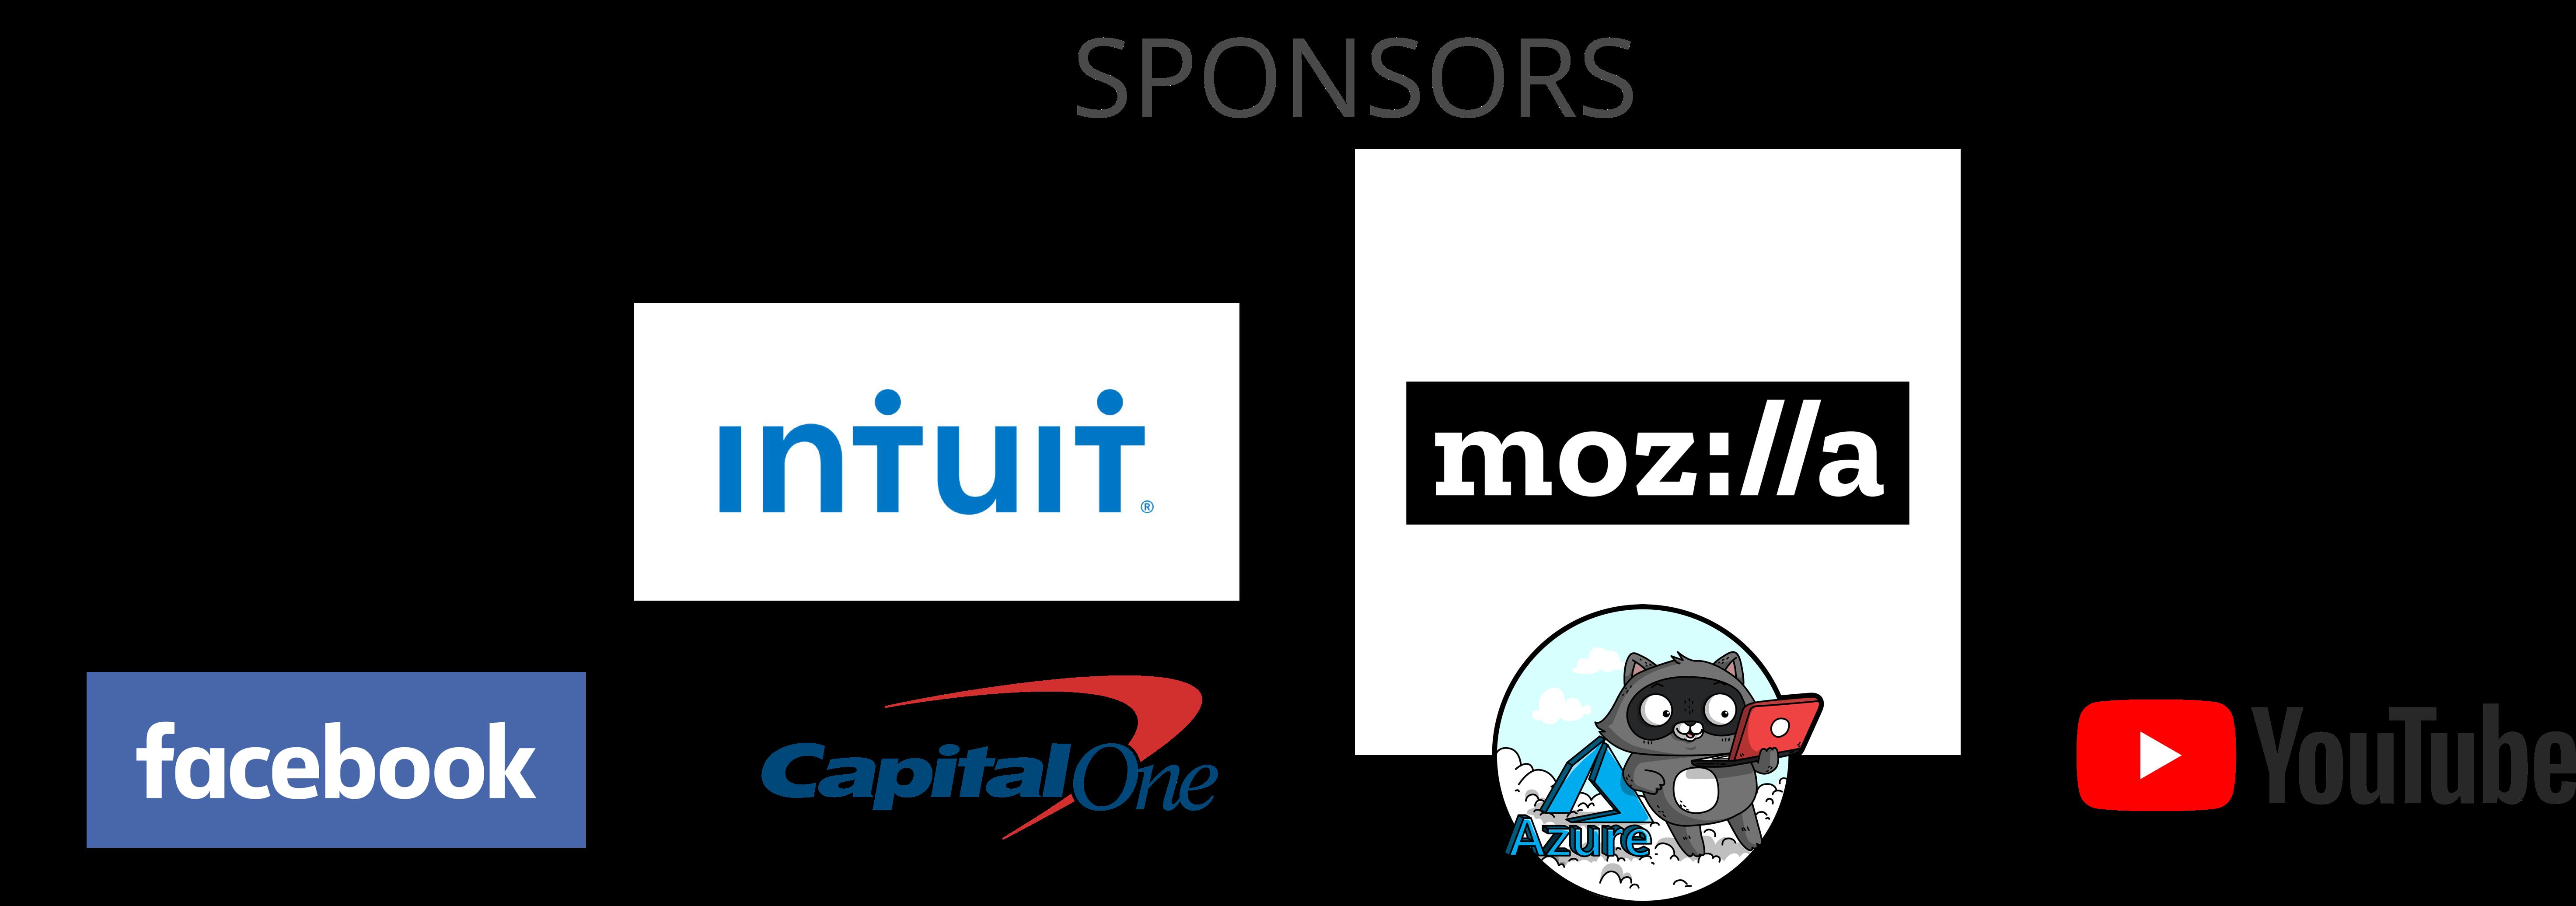 Tech Superwomen Summit 2018 Sponsors